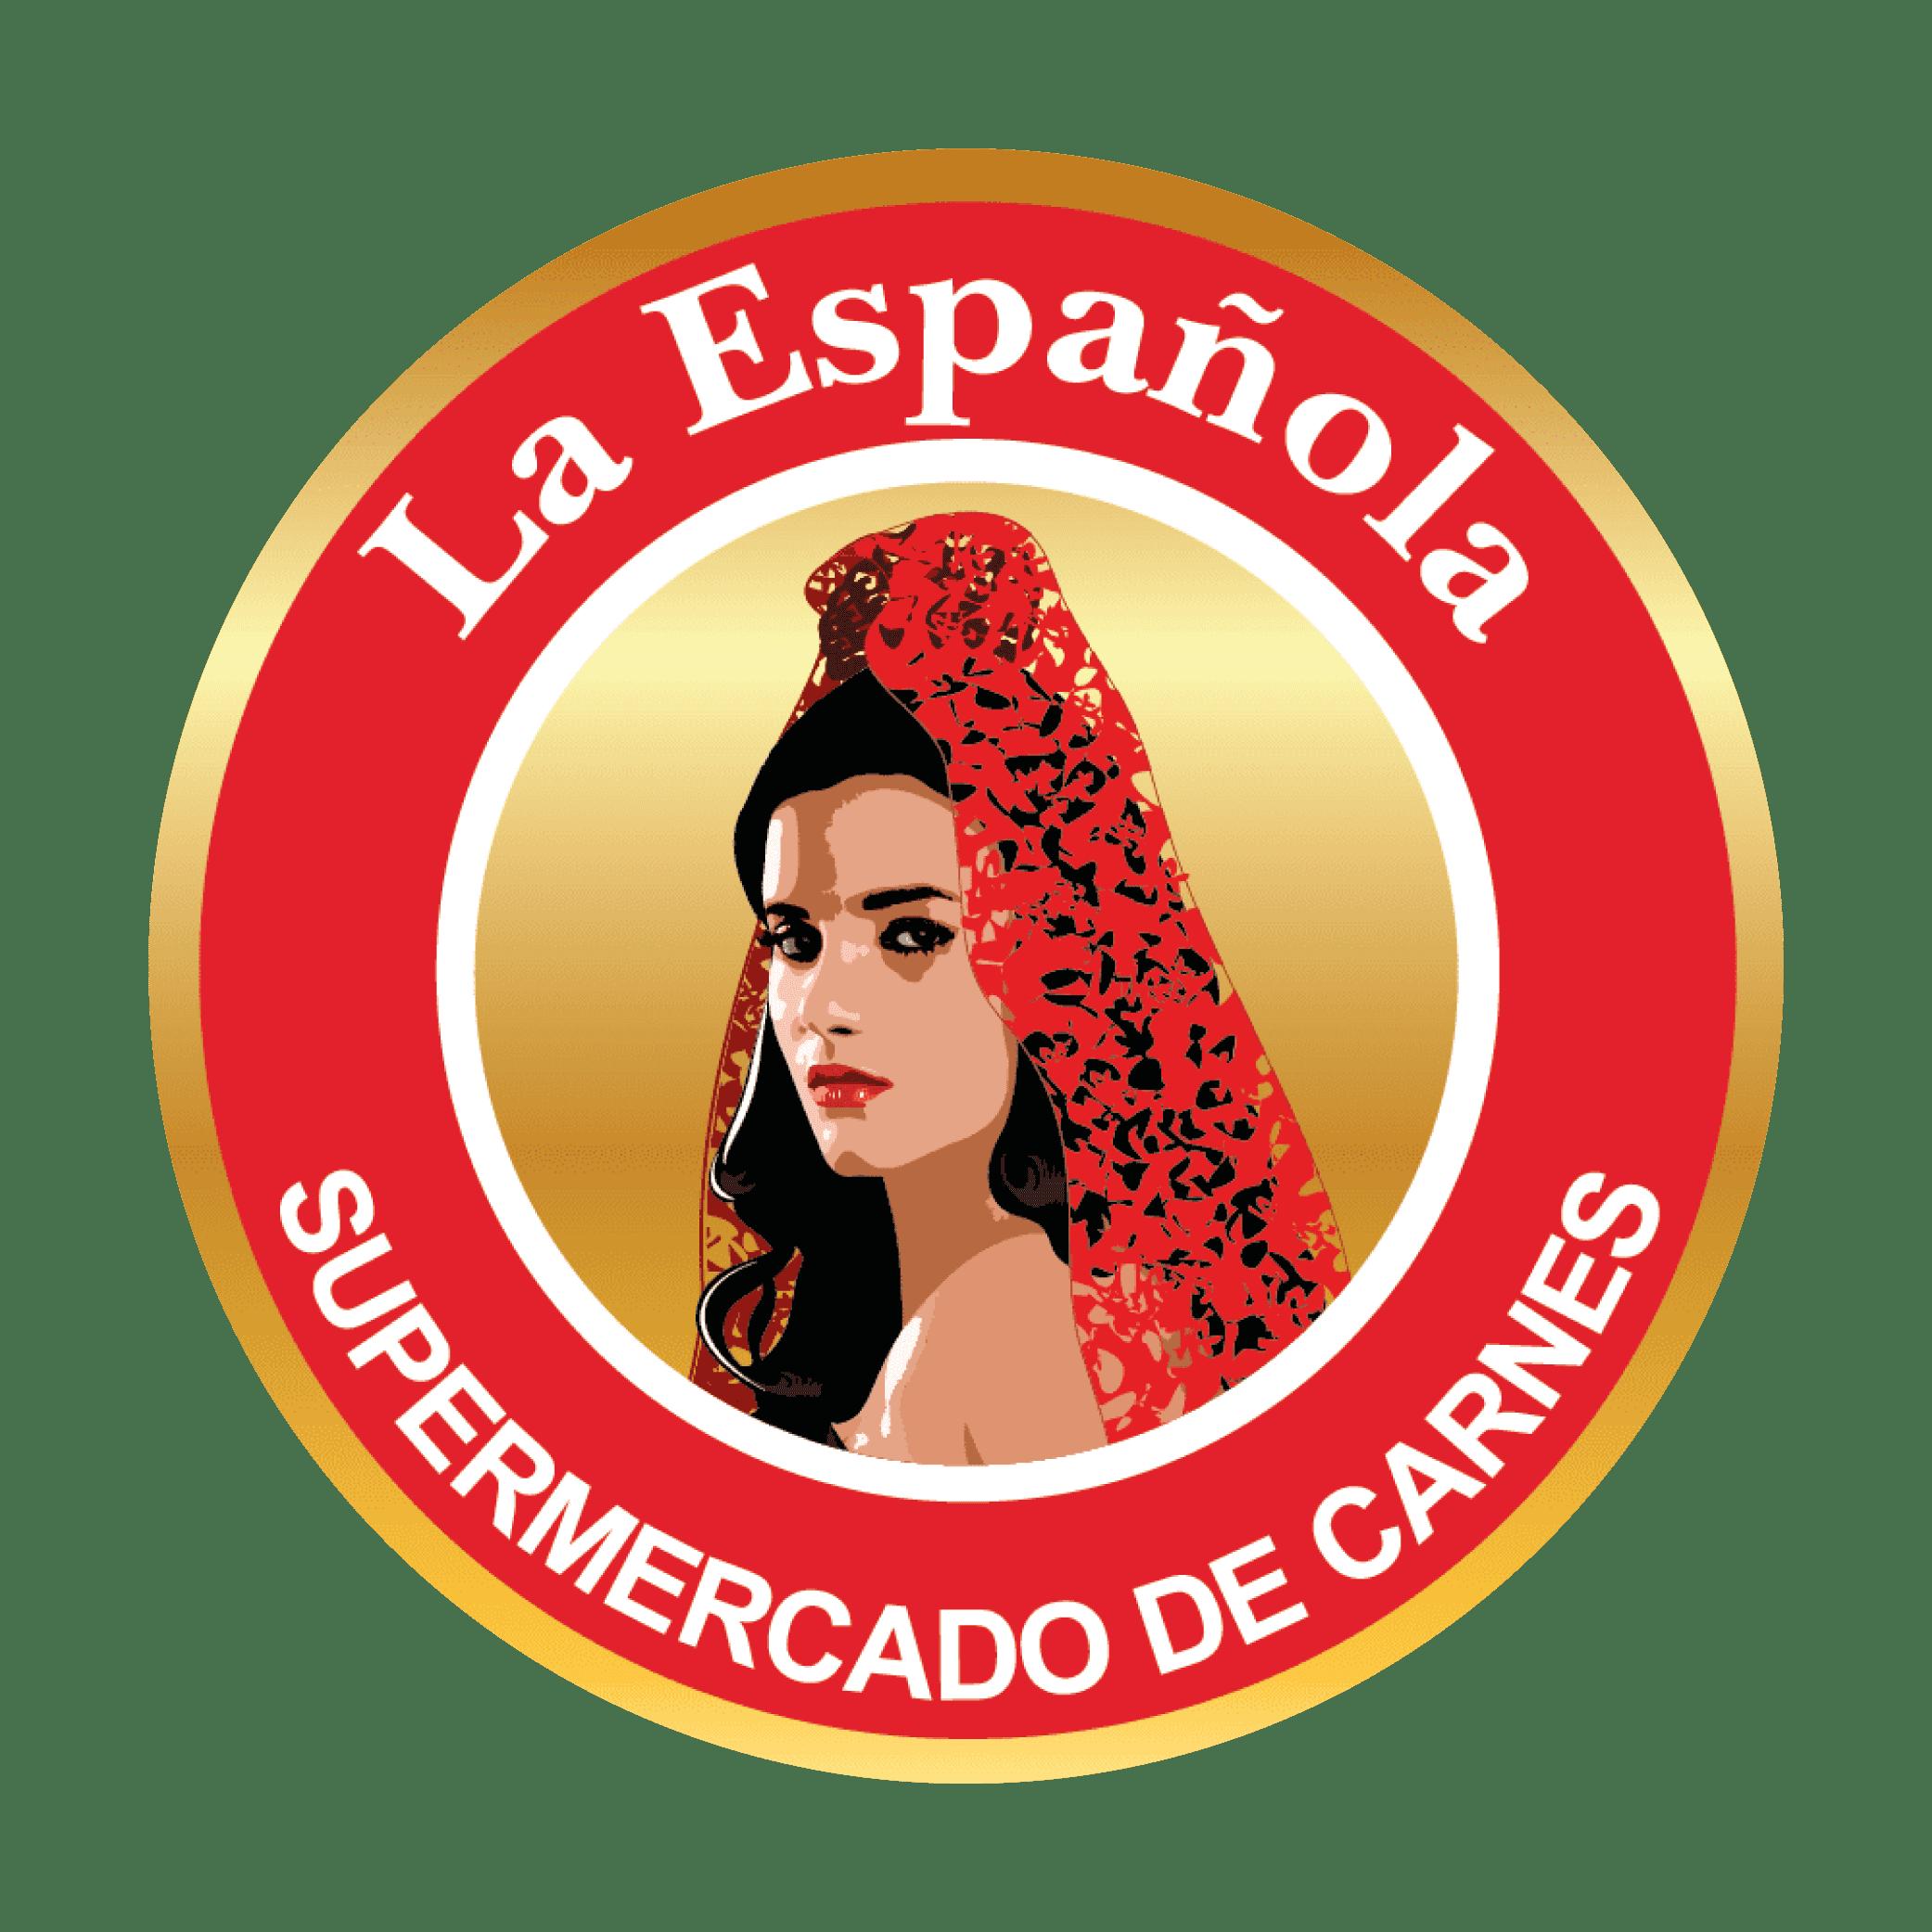 acruxza_Española